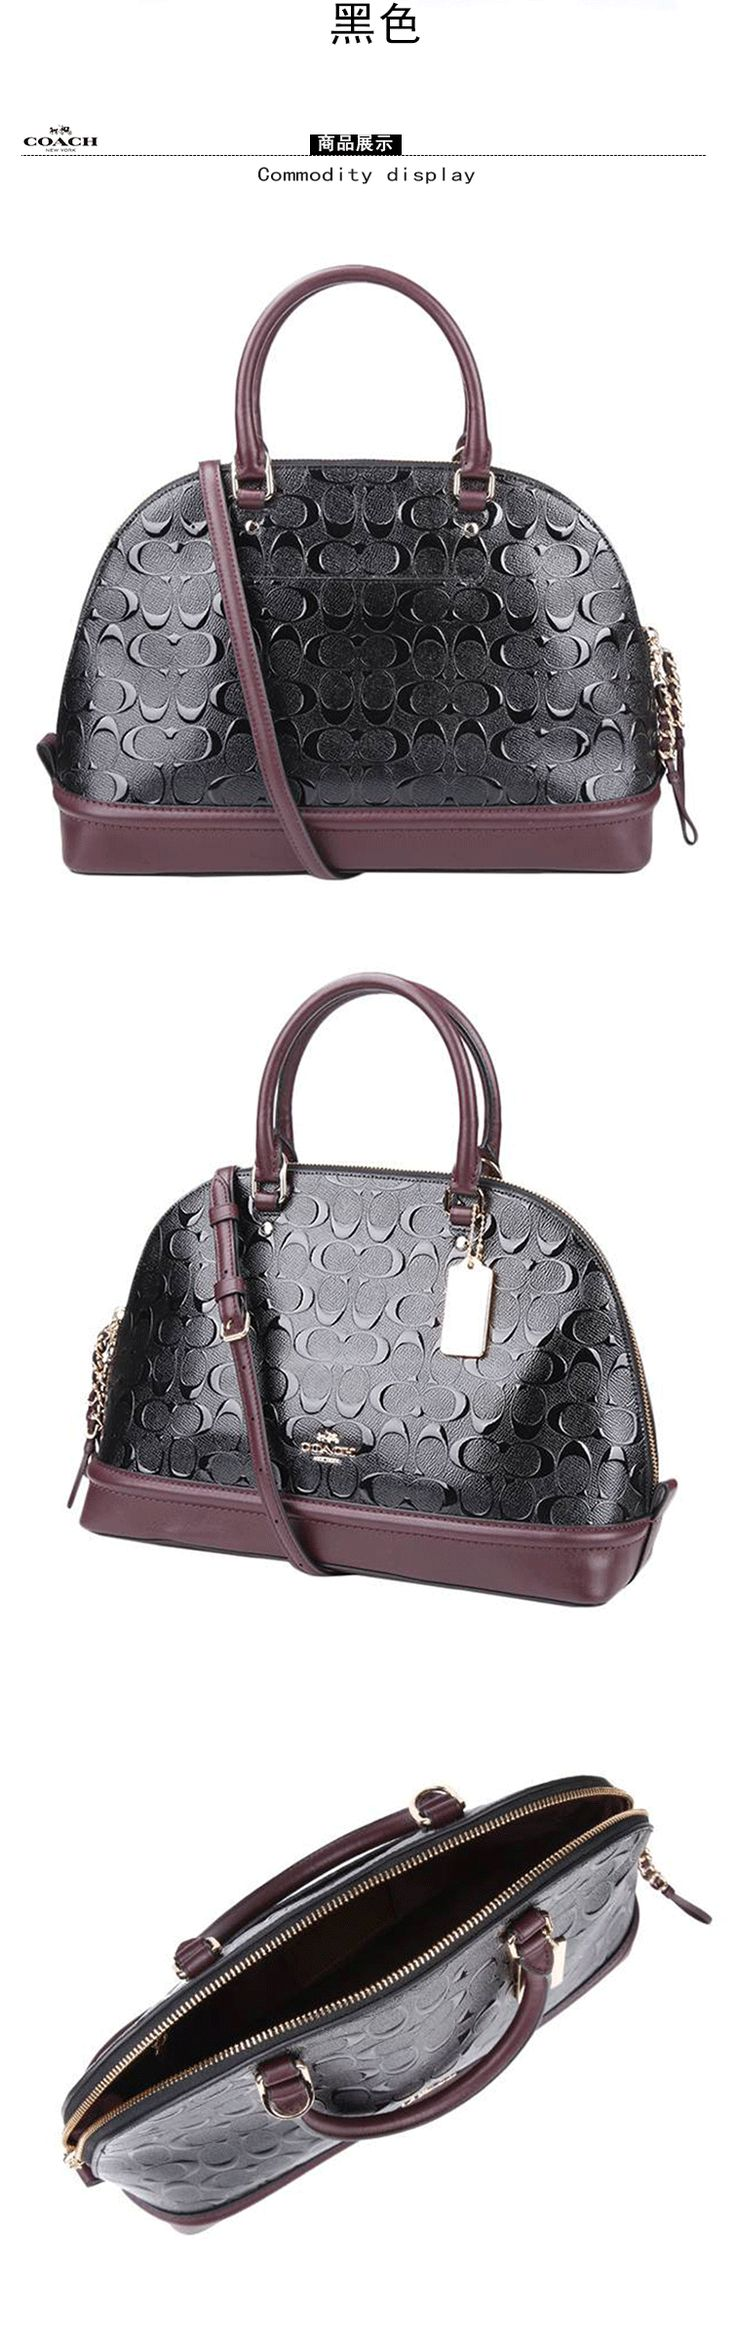 購買 全新商品 COACH F55450 女包單肩手提包貝殼包:cnr0stpta,店家為 米蘭寶   樂天市場購物網 - 台灣